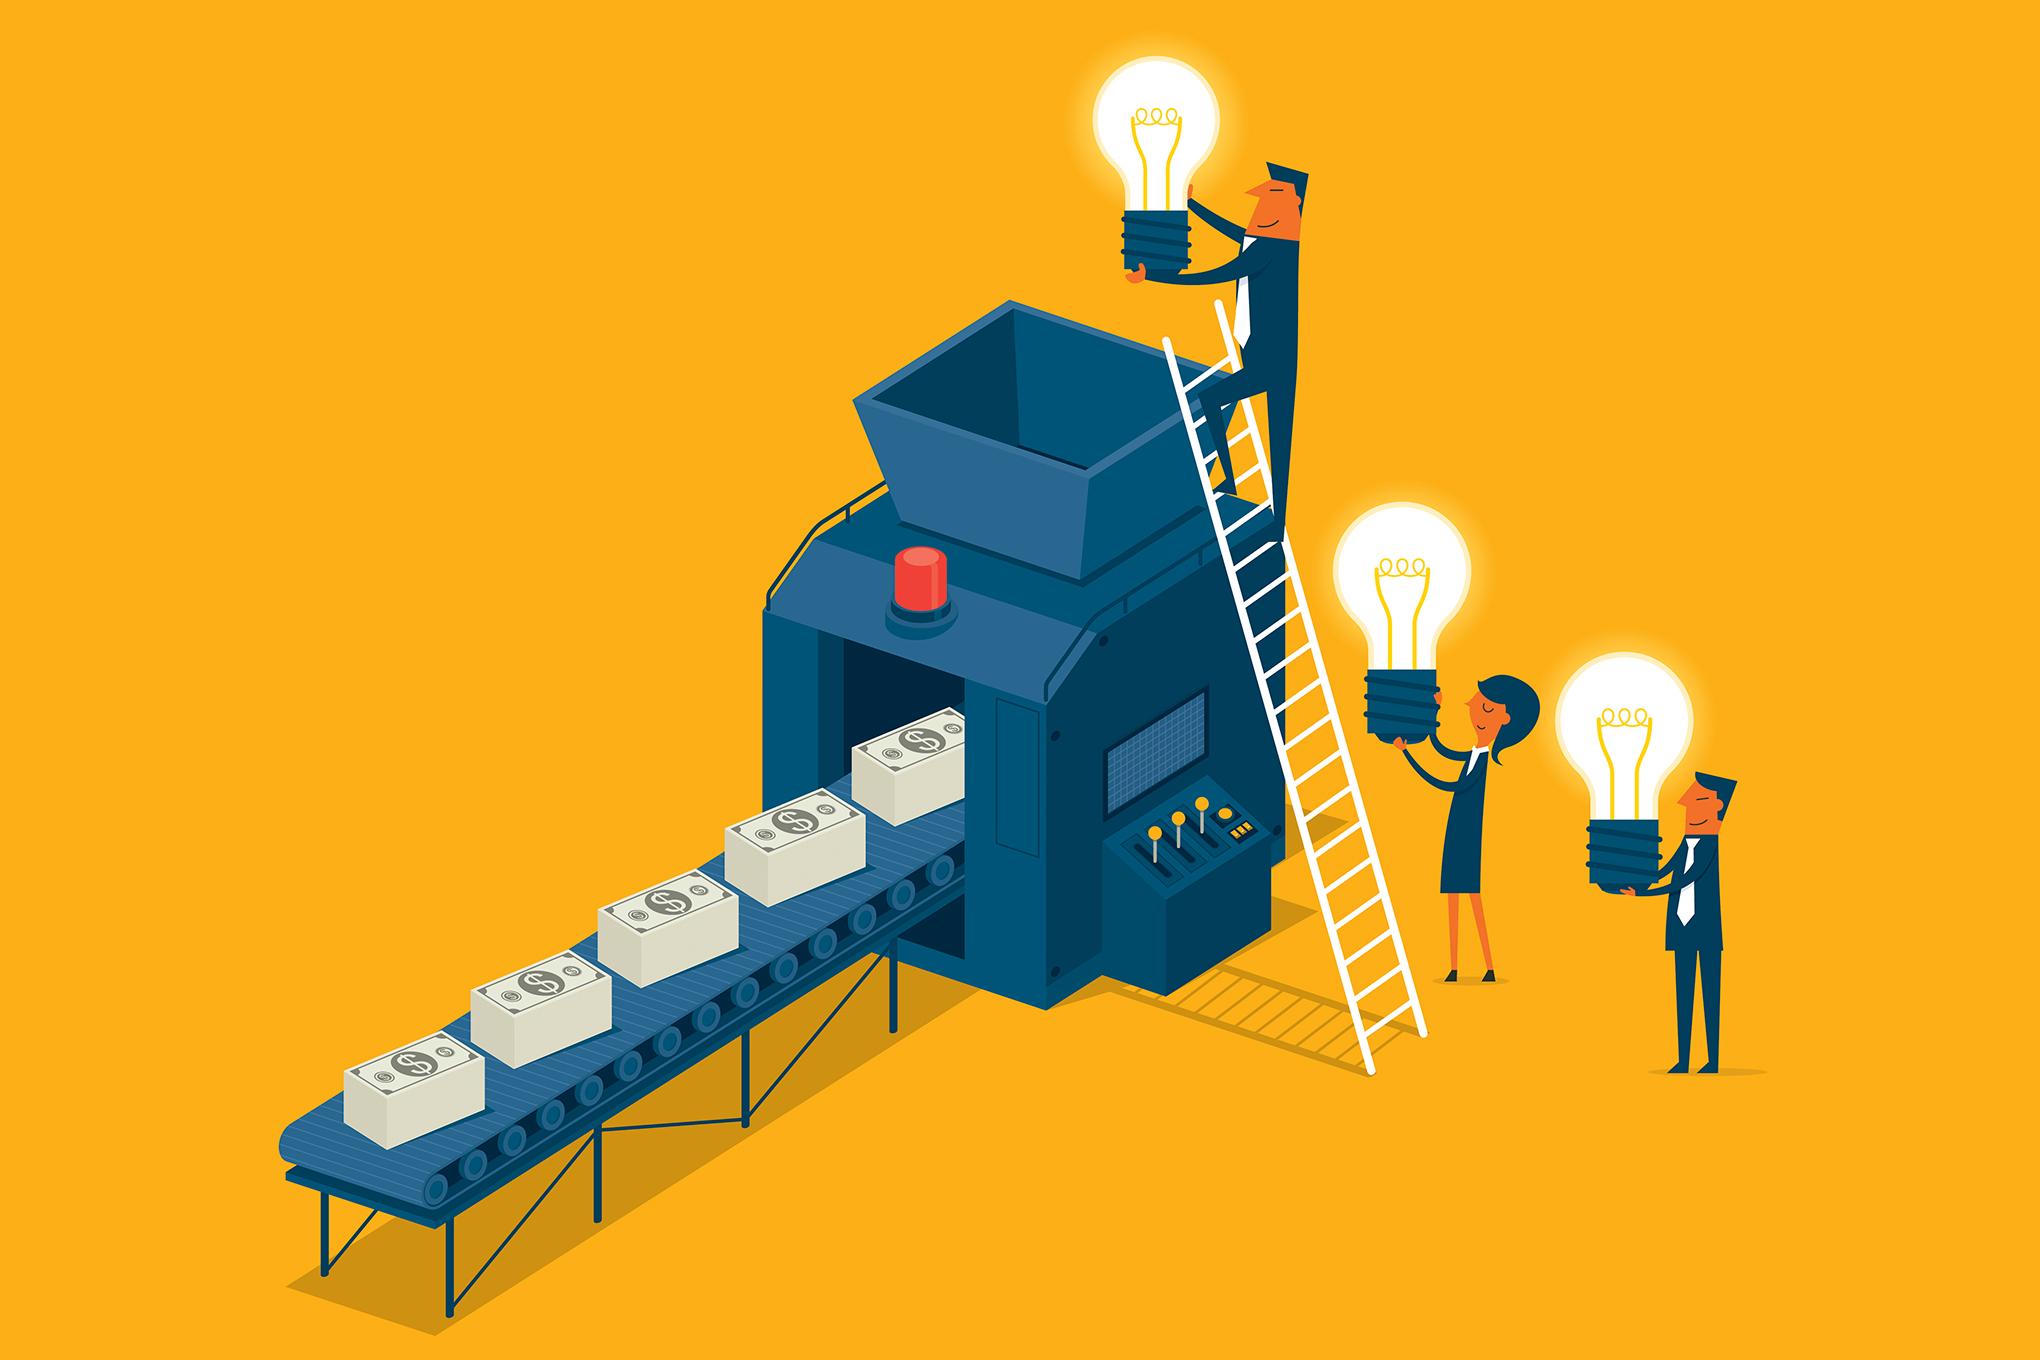 Зачем они это делают: инвестируют ввысокотехнологичные стартапы - Новости айти в журнале Inc.Russia